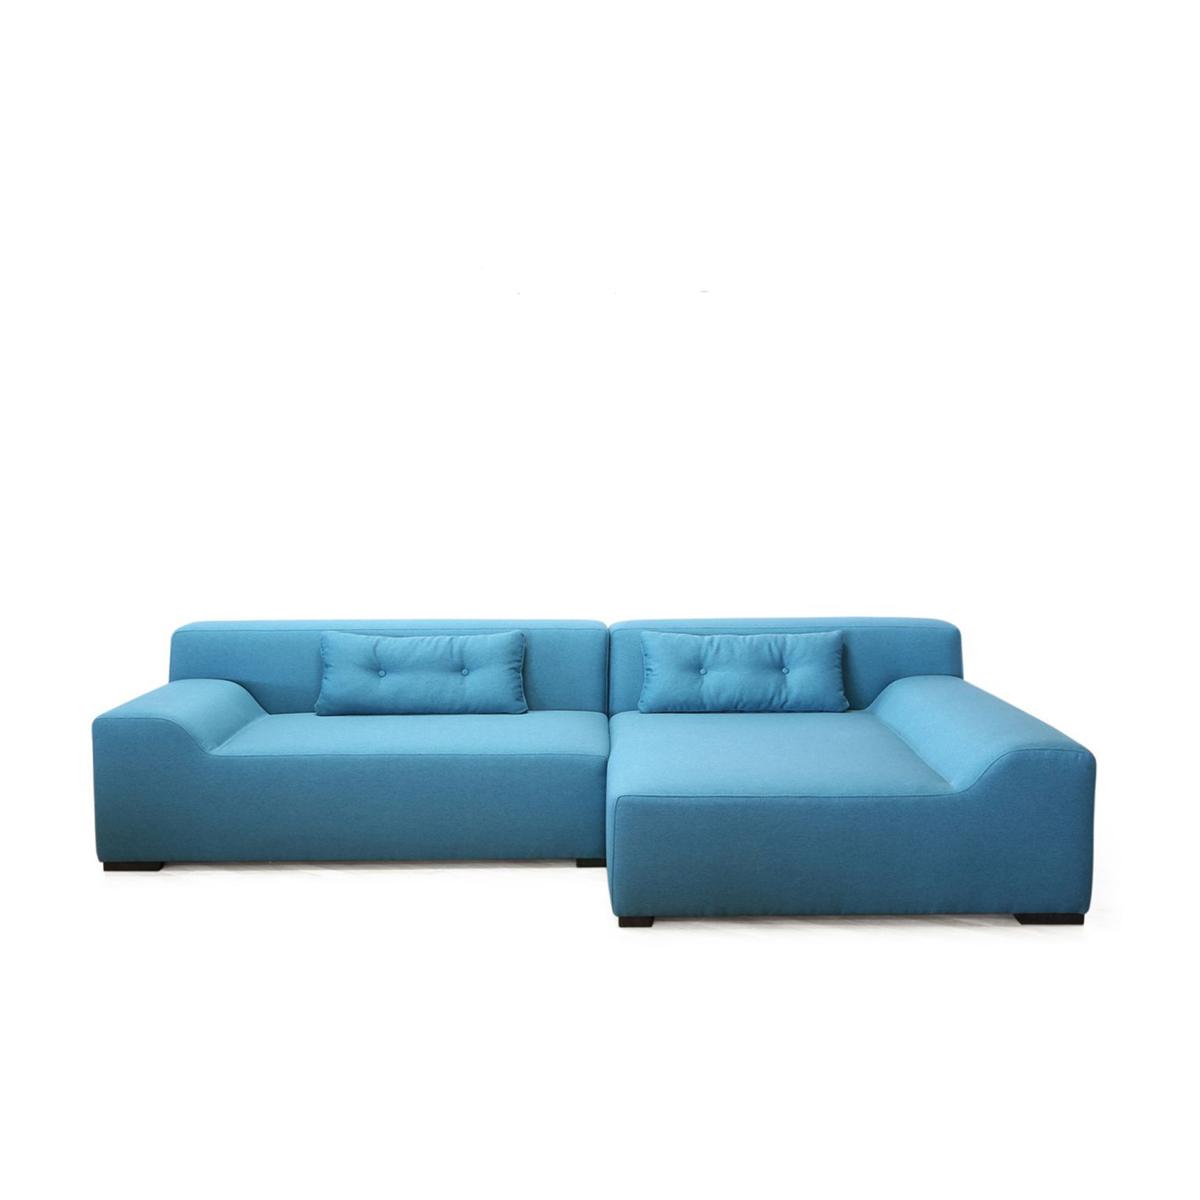 mailand designer eckgarnitur bei moebel trend 24 moebel. Black Bedroom Furniture Sets. Home Design Ideas